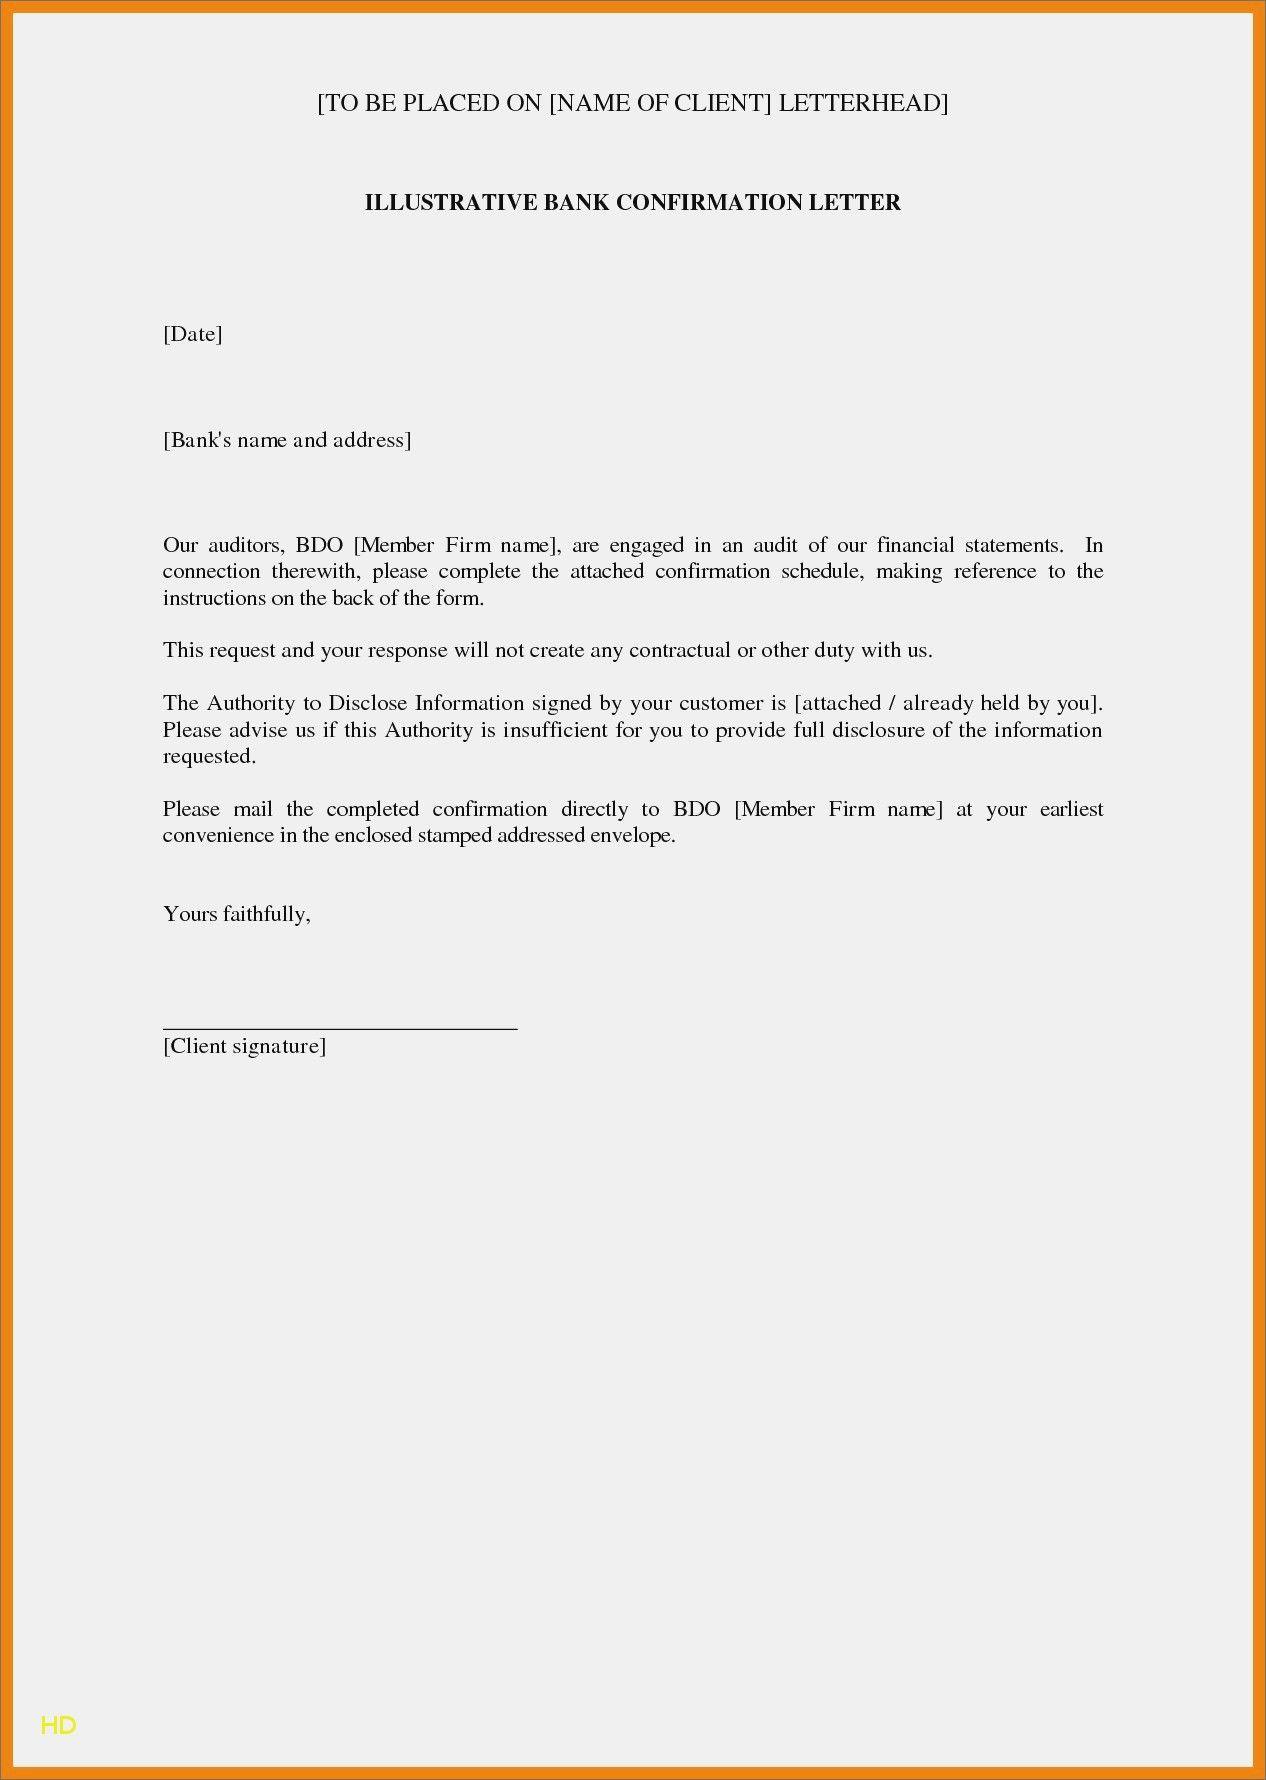 Bank Details Letterhead